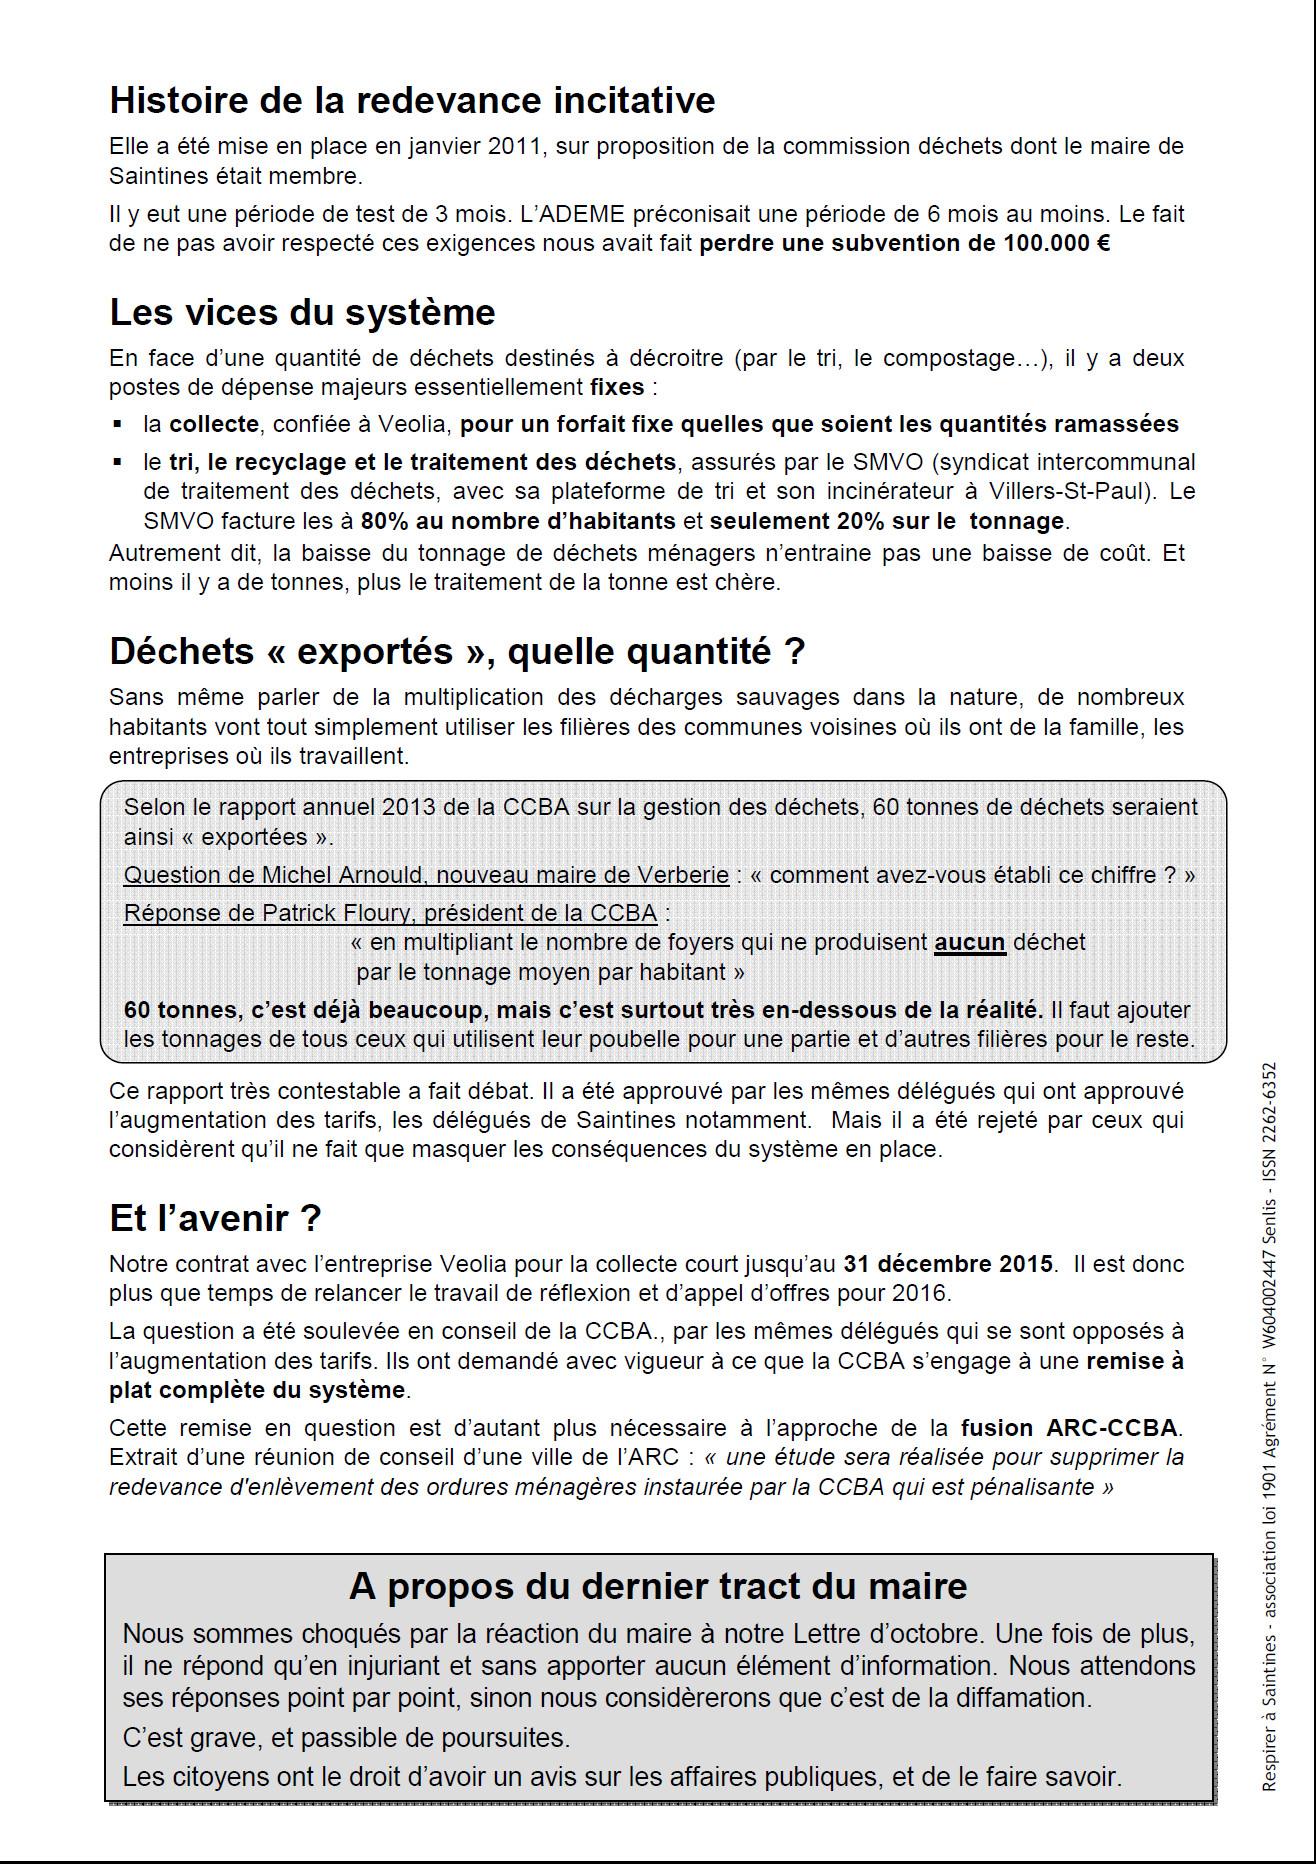 La Lettre nov 2014 page 2